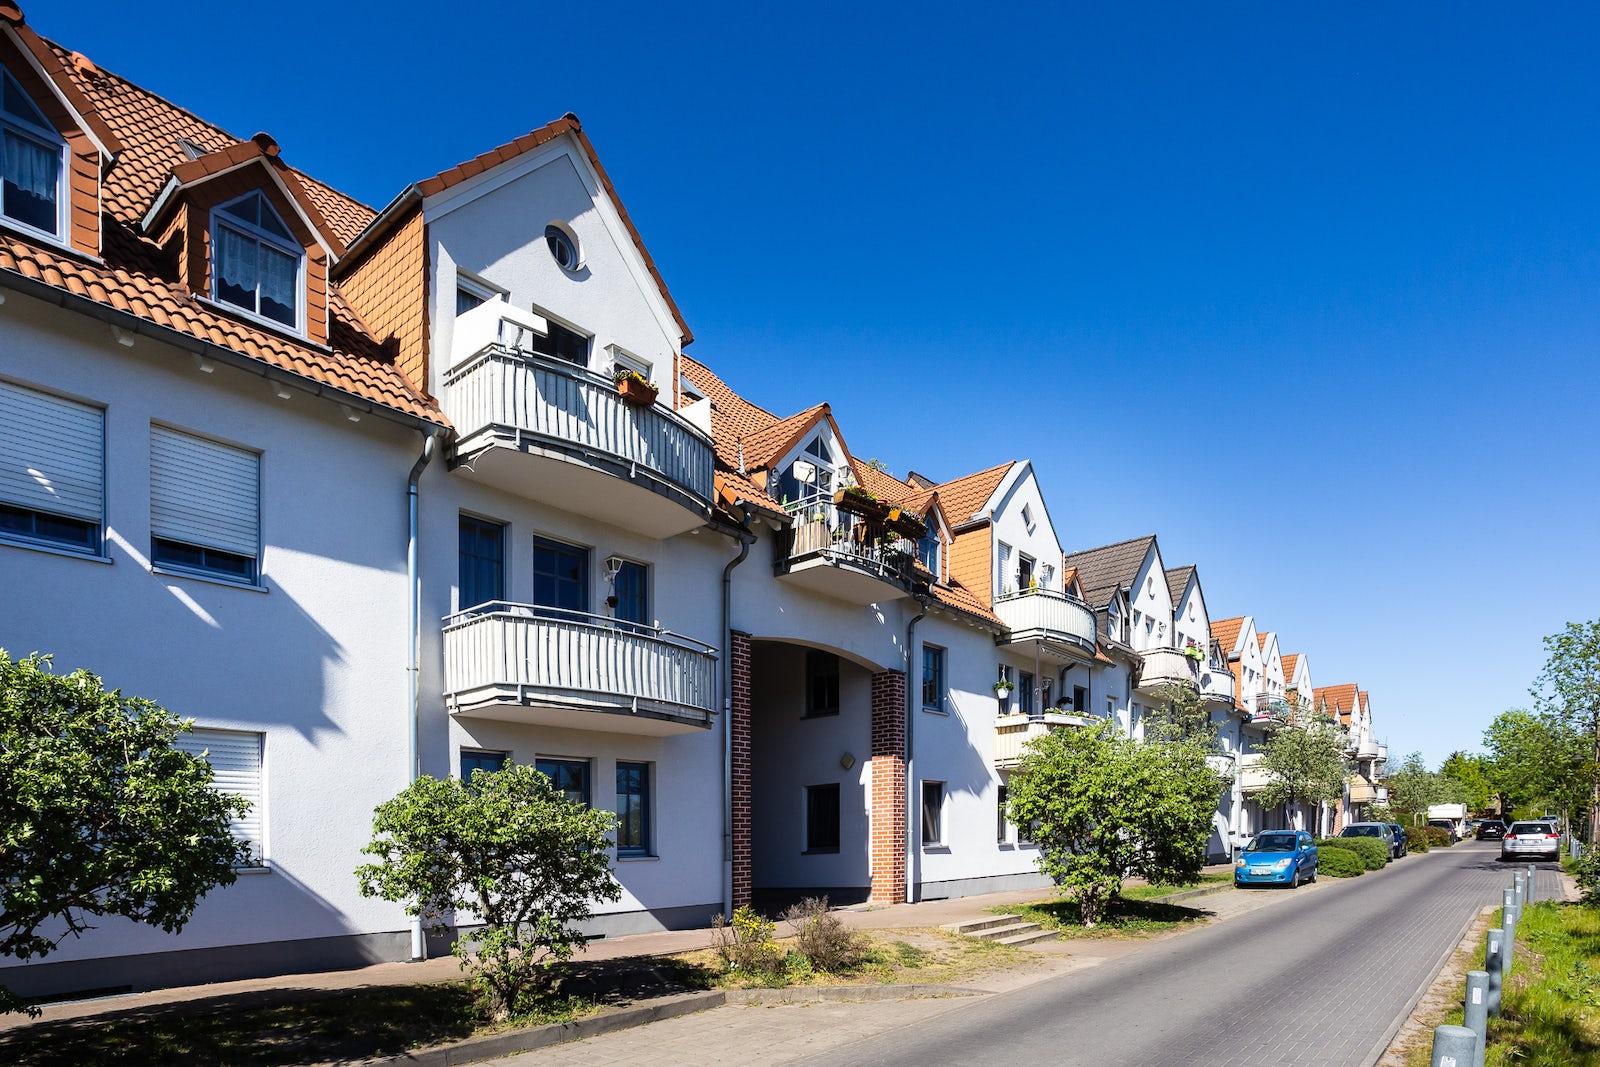 3 Zimmer Maisonette 74 M² In Petershageneggersdorf Homeday